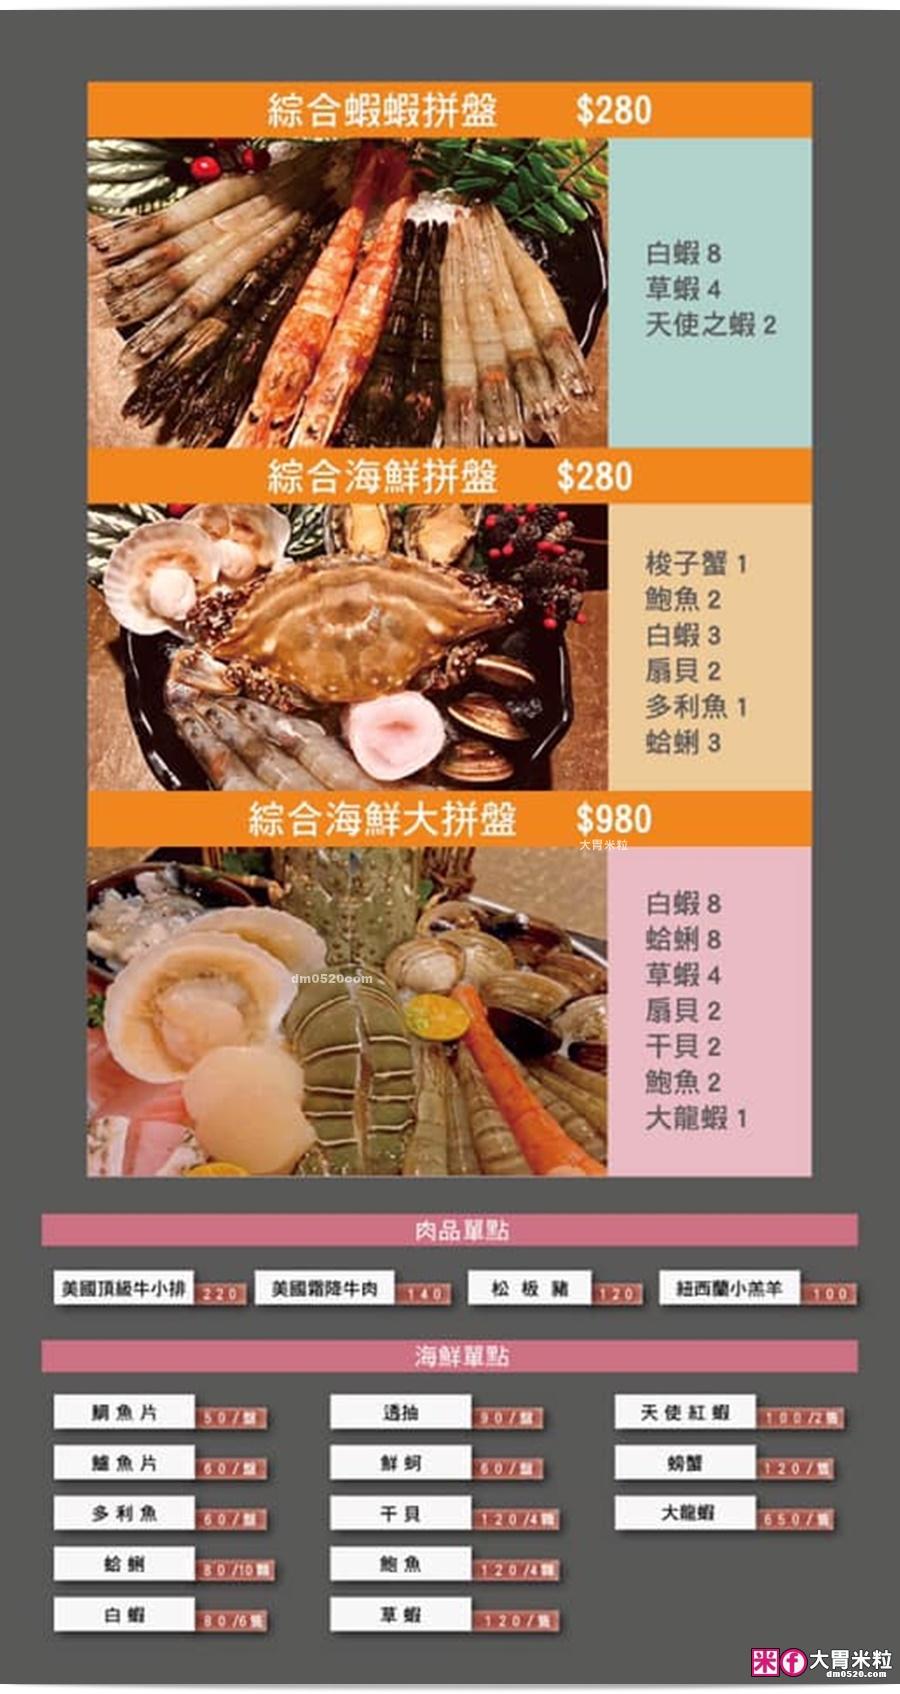 藝爐晏火鍋美術館